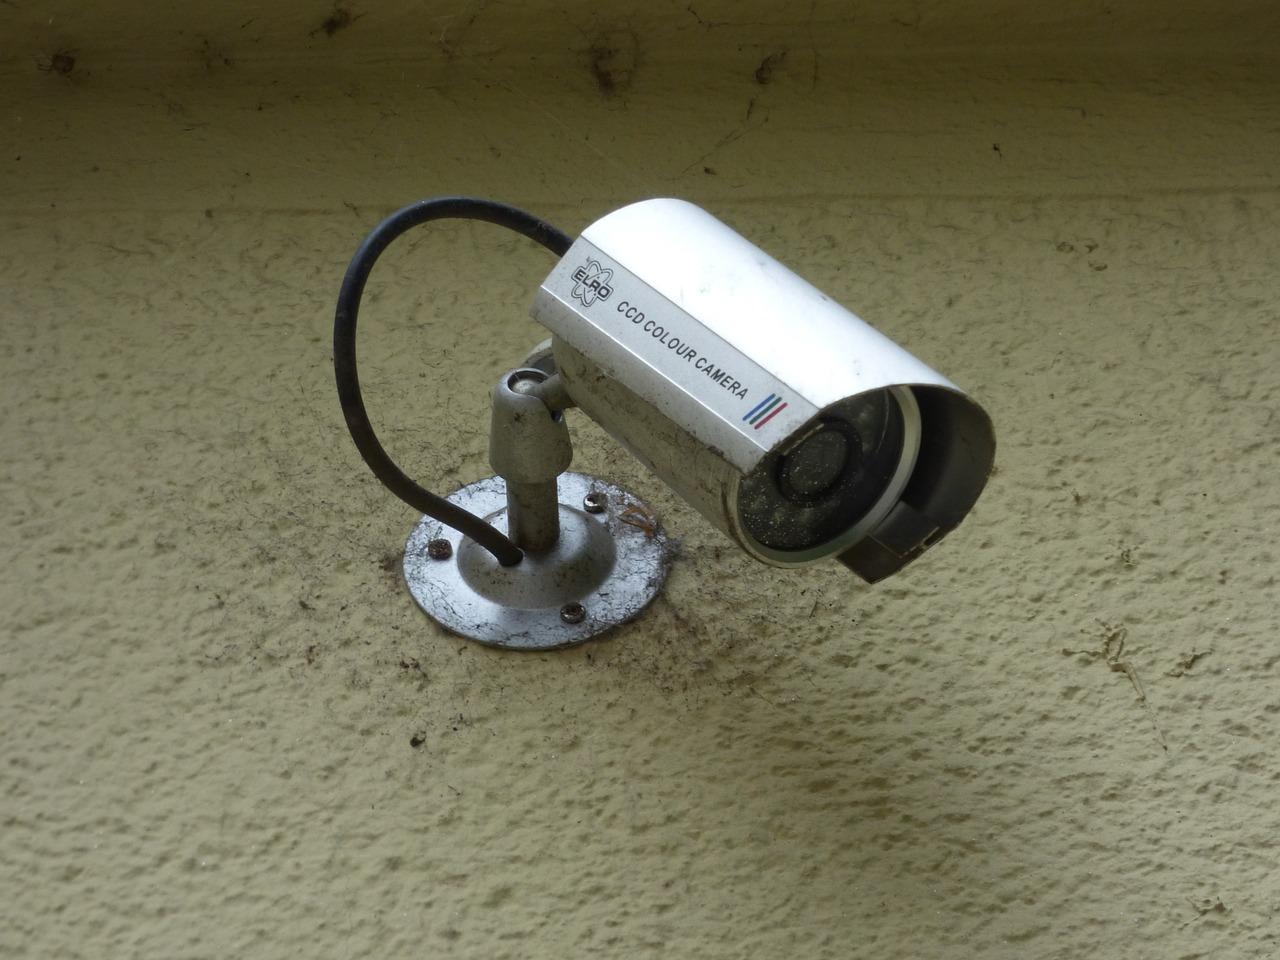 Qu'est ce qu'une alarme avec télésurveillance ?